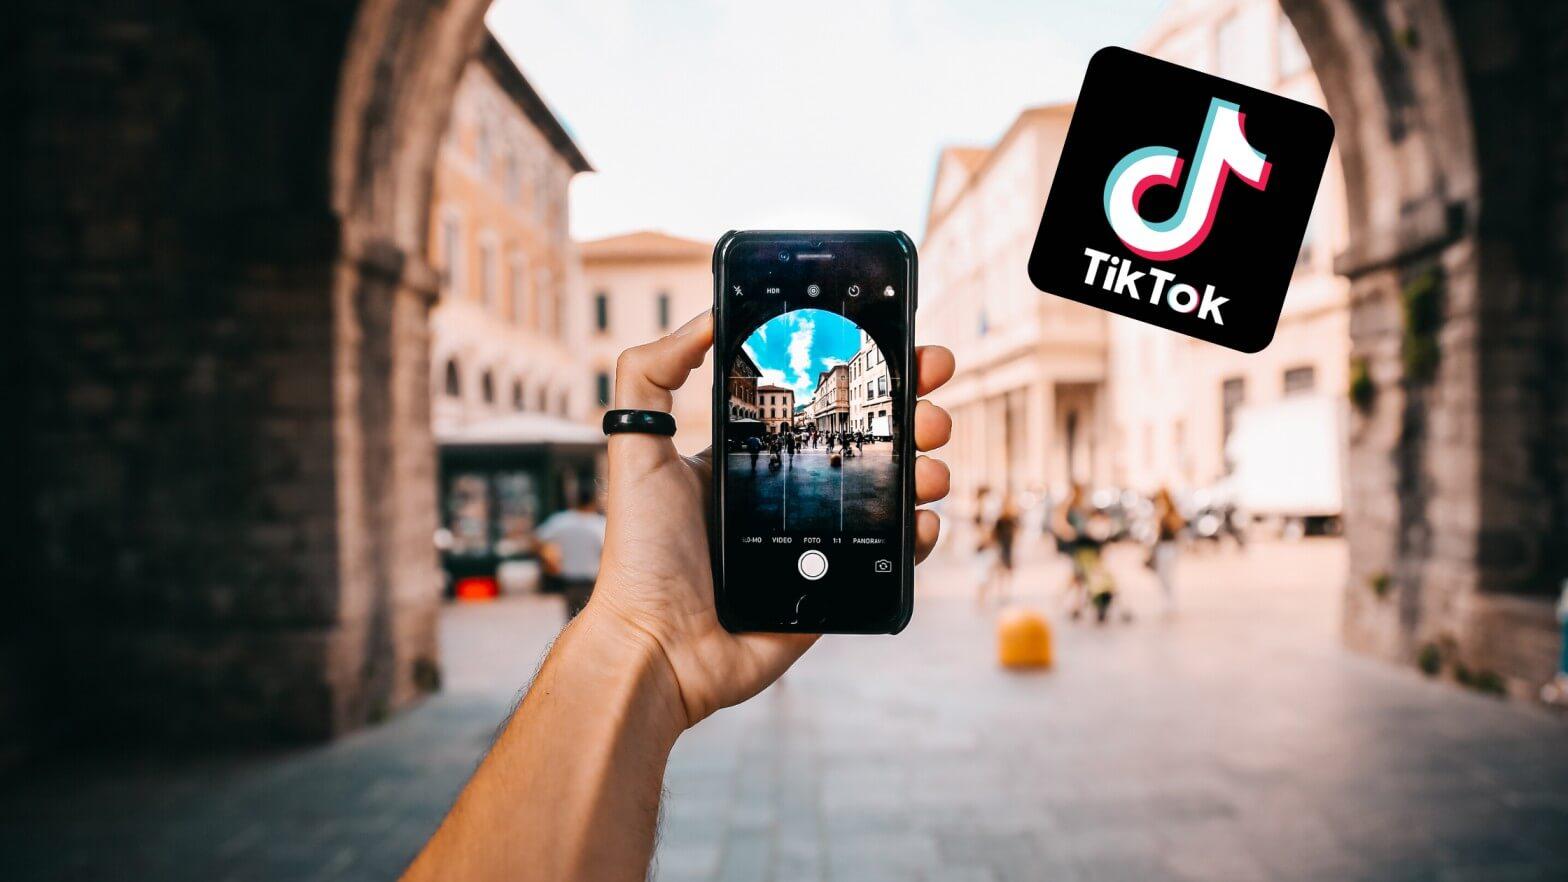 Tik Tok Viaggi: i 5 migliori profili da seguire